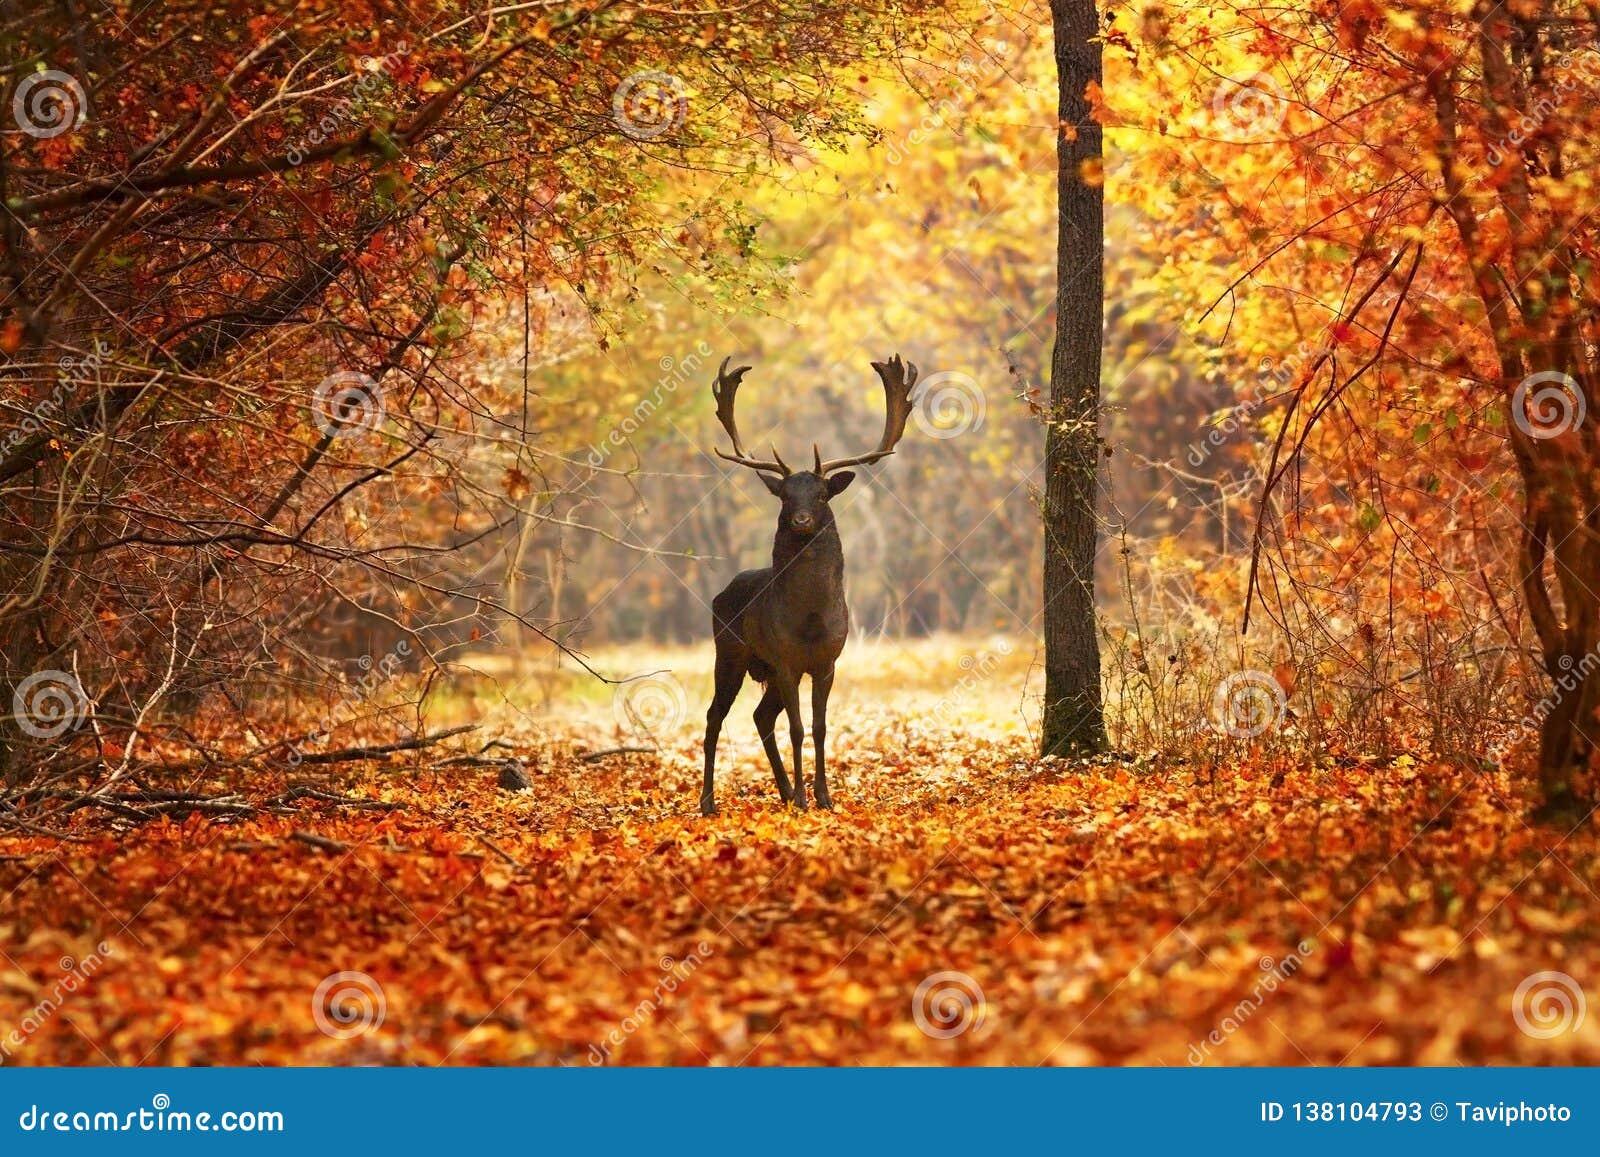 Dovhjortfullvuxen hankronhjort i härlig höstskog